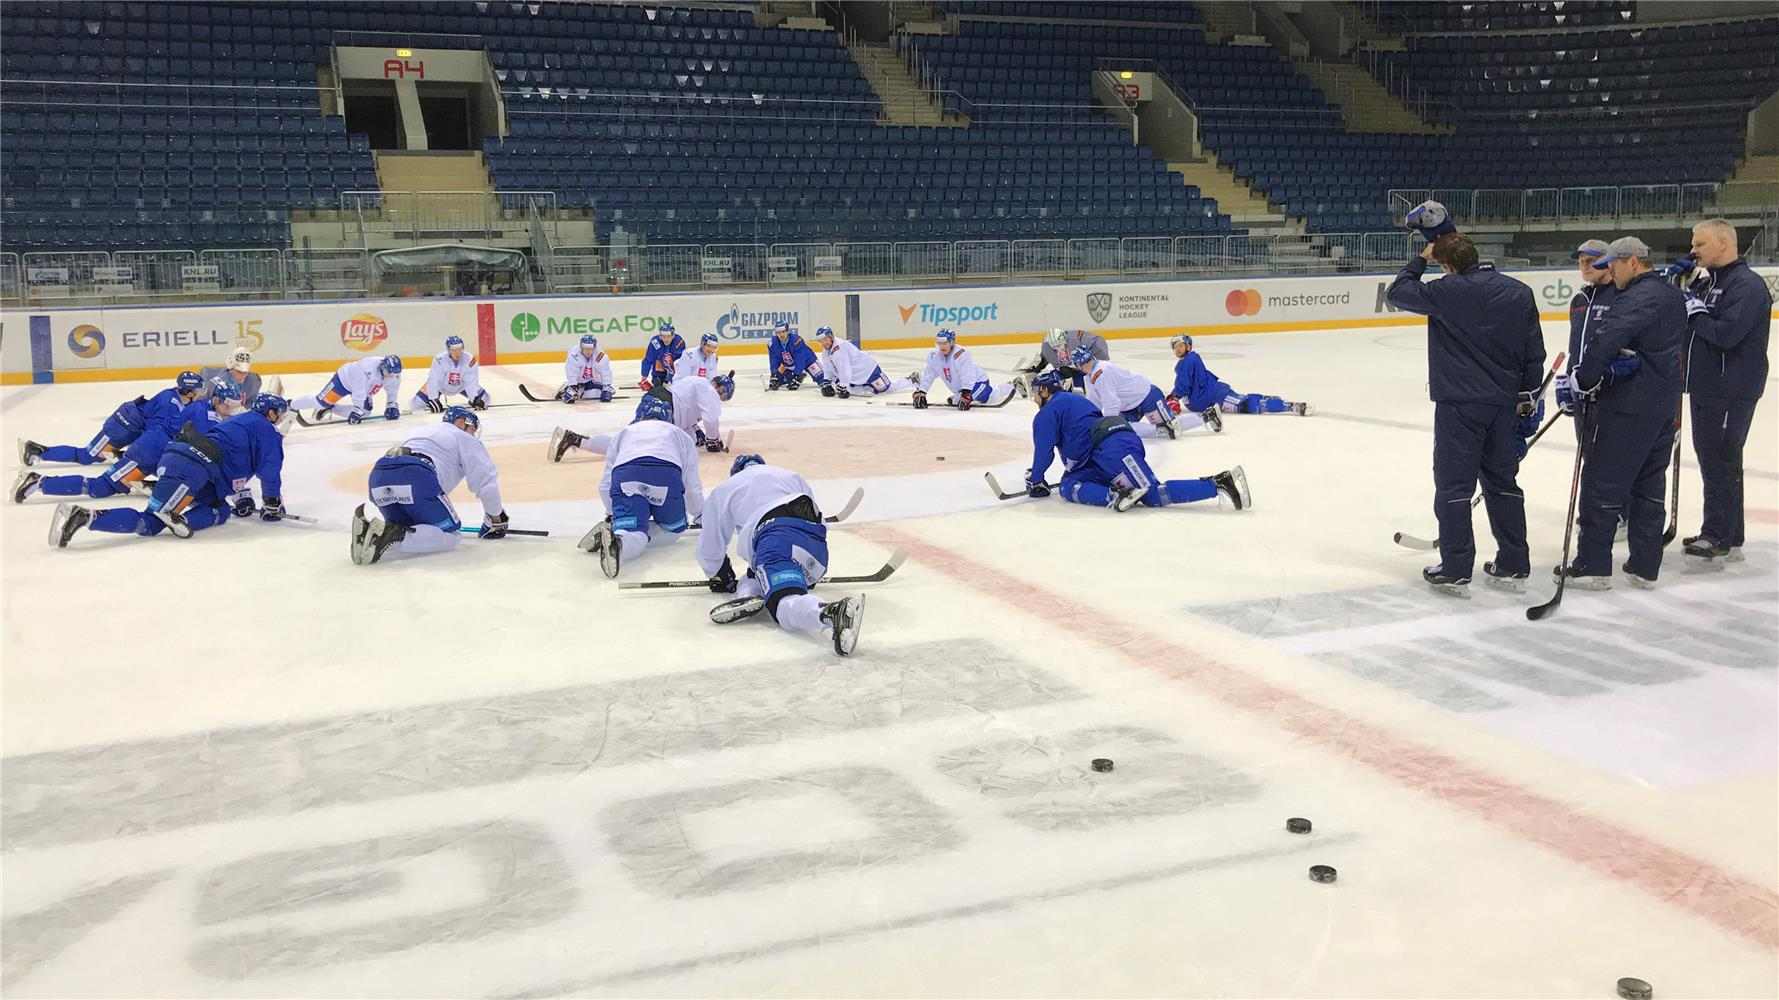 1d8c7e9cdecd1 BRATISLAVA - Na blížiacom sa hokejovom turnaji o Švajčiarsky pohár v  Luzerne (13.- 14. 12.) nebude reprezentovať Slovensko štvorica Adam Drgoň,  ...